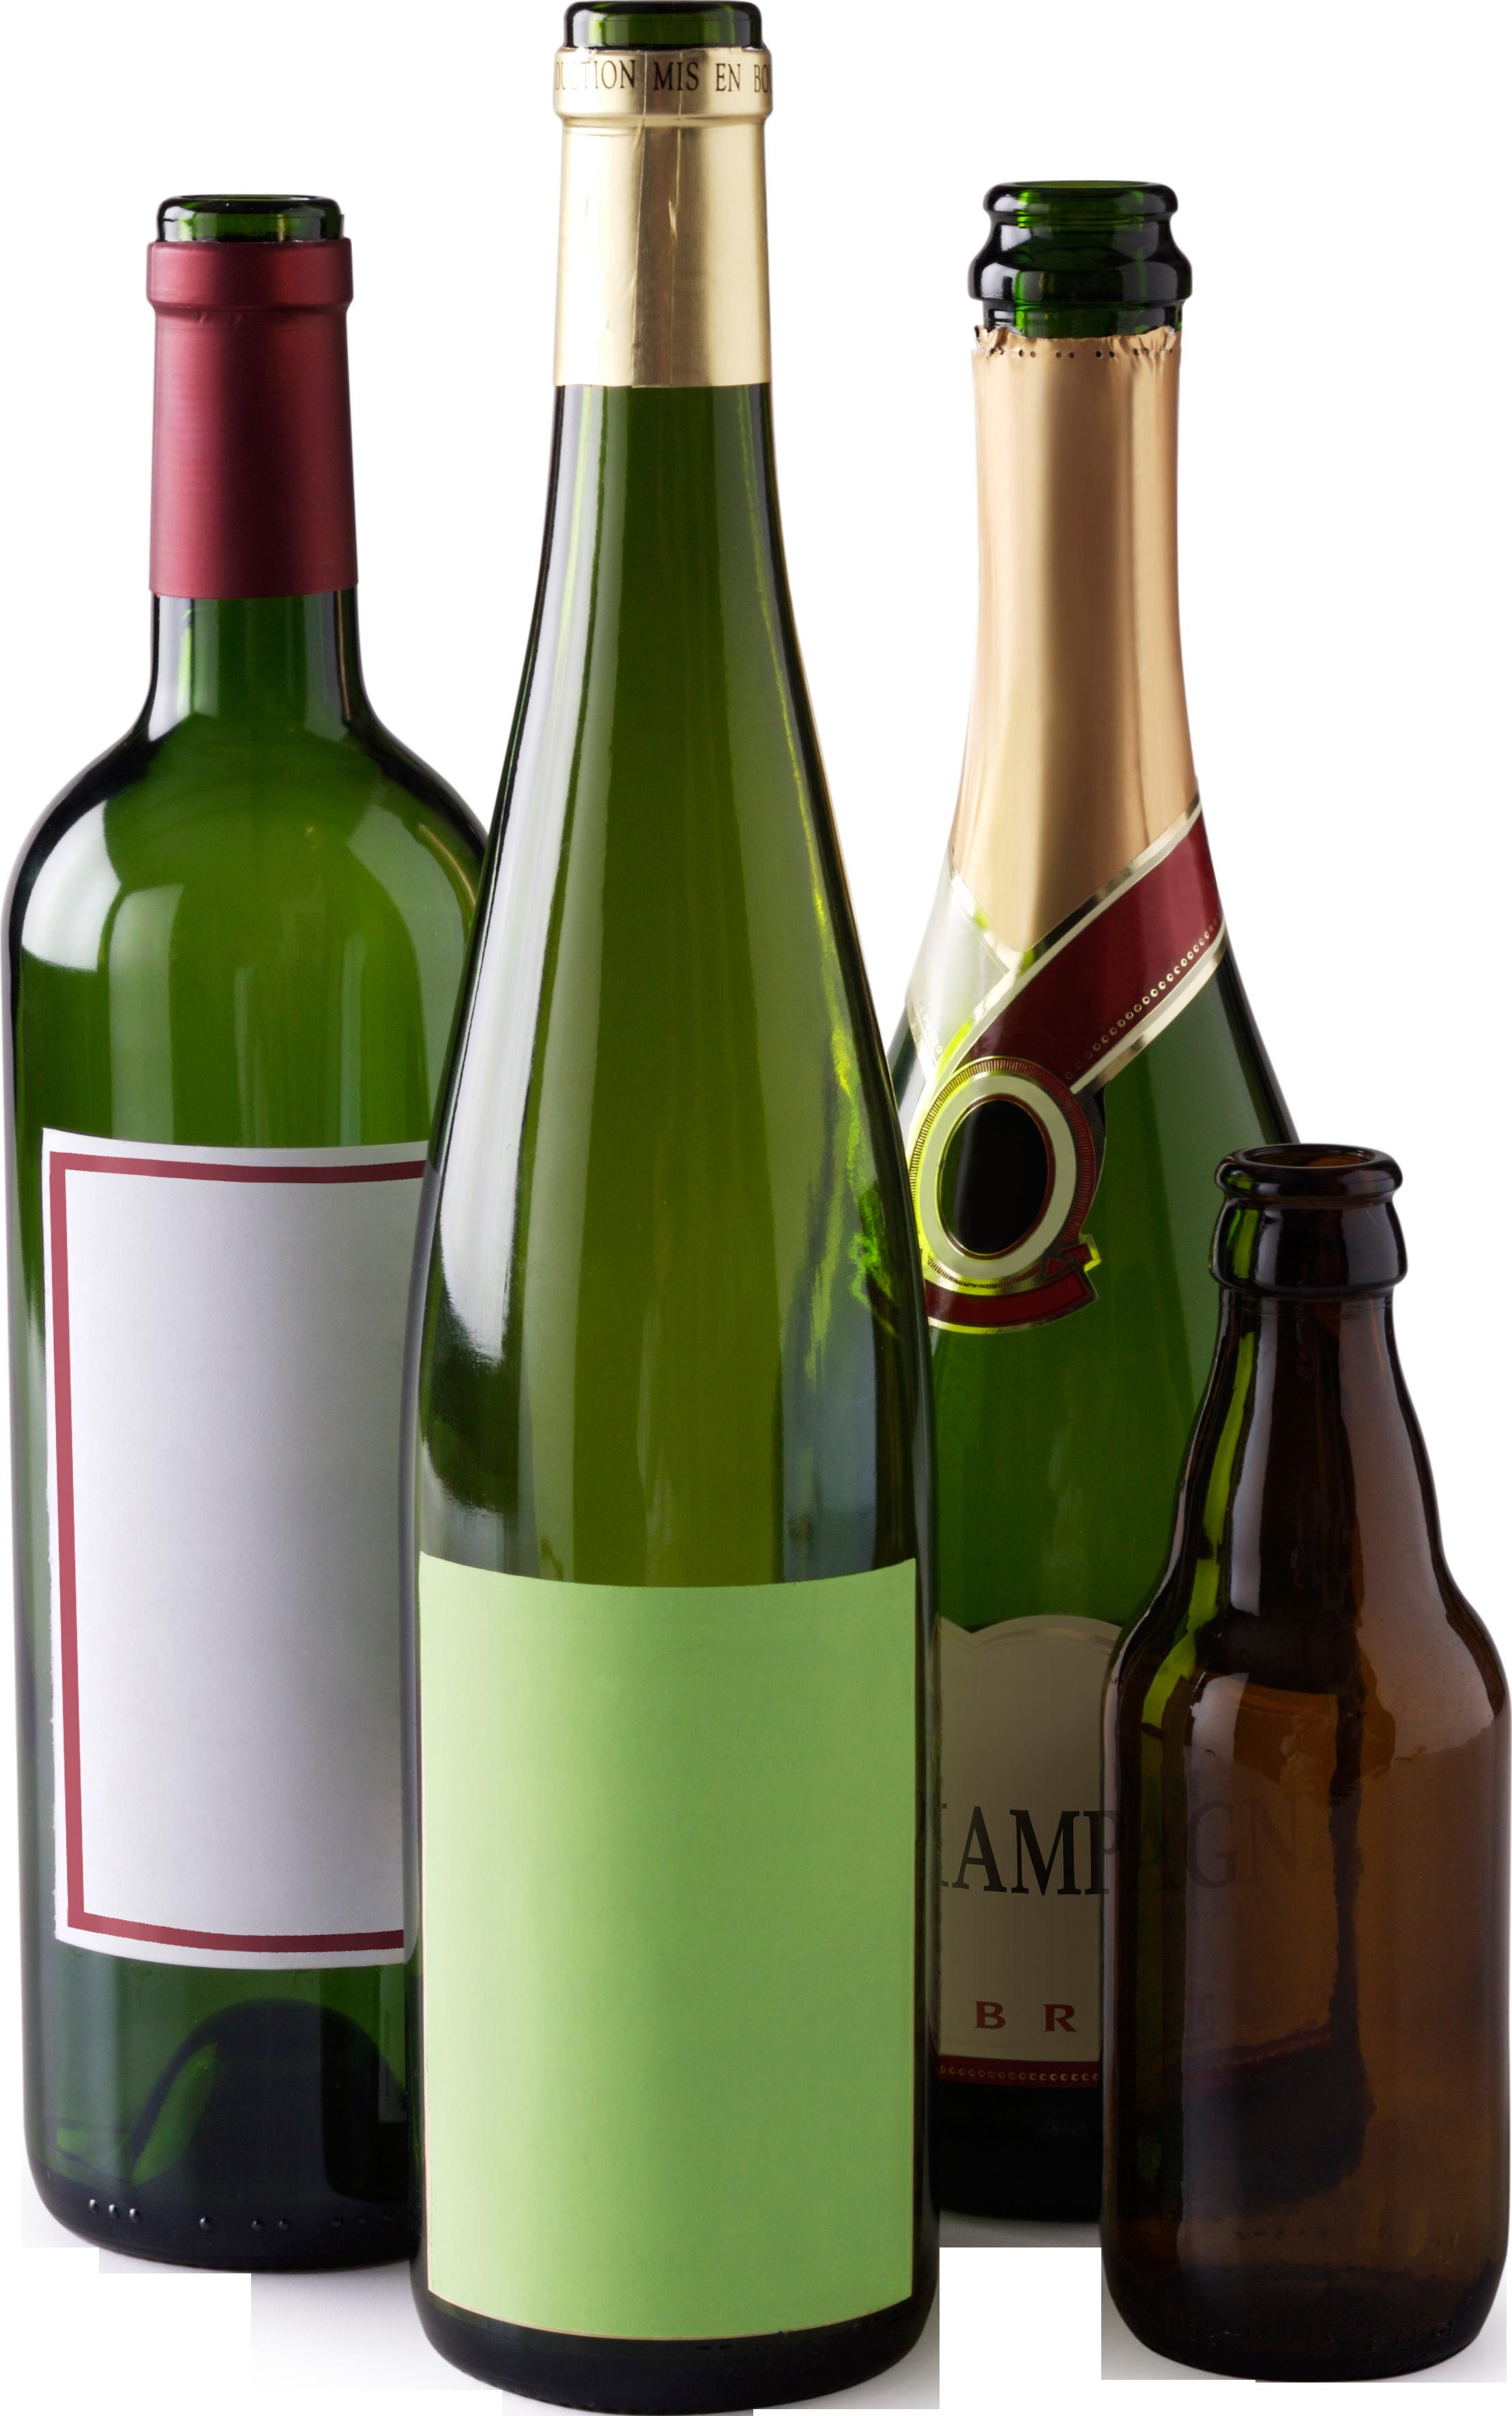 Bottle Png Image Bottle Bottle Images Wine Bottle